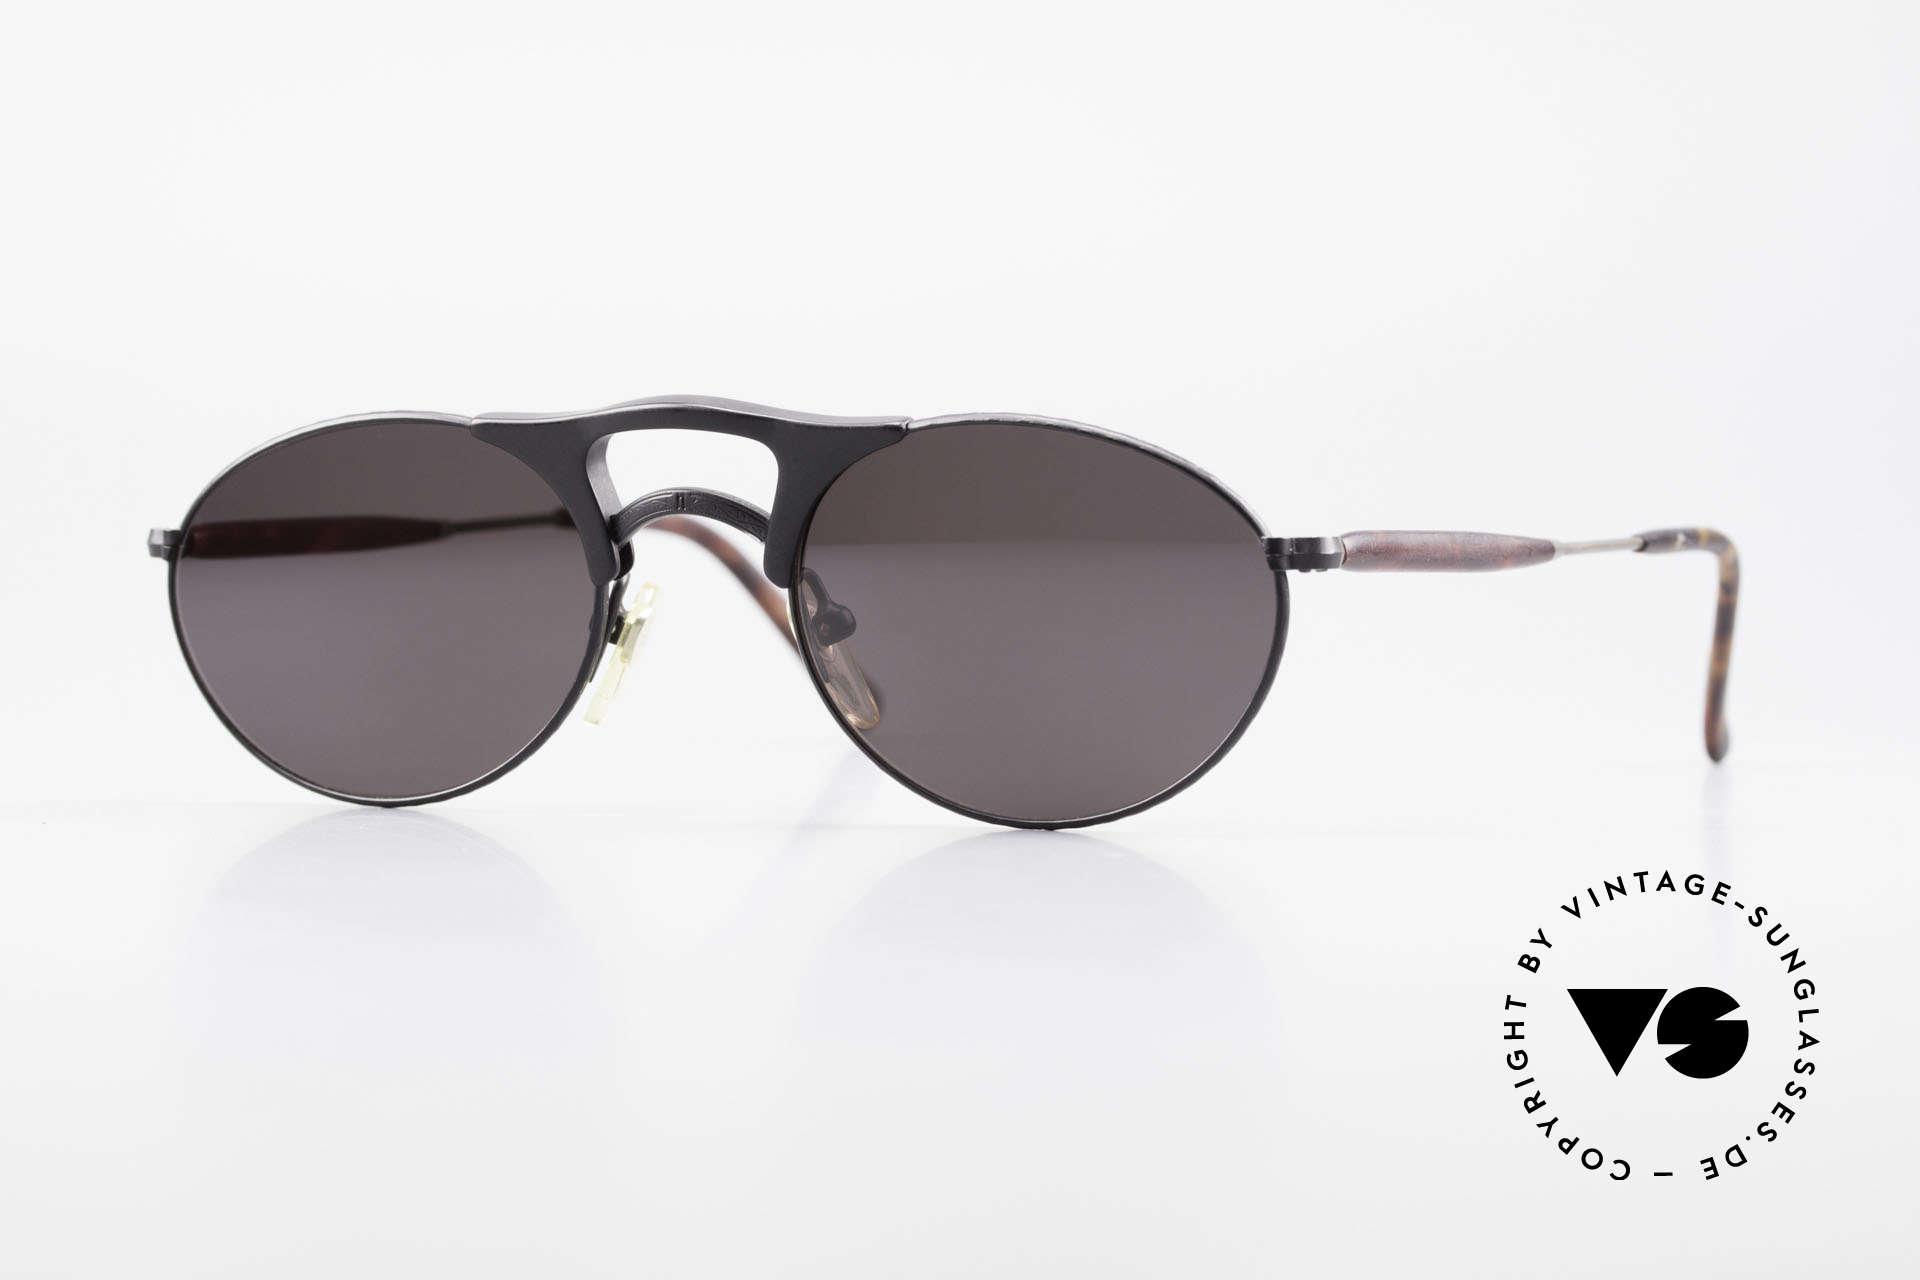 Matsuda 2820 Small Aviator Style Brille 90er, vintage MATSUDA Sonnenbrille in kleiner Aviator-Form, Passend für Herren und Damen